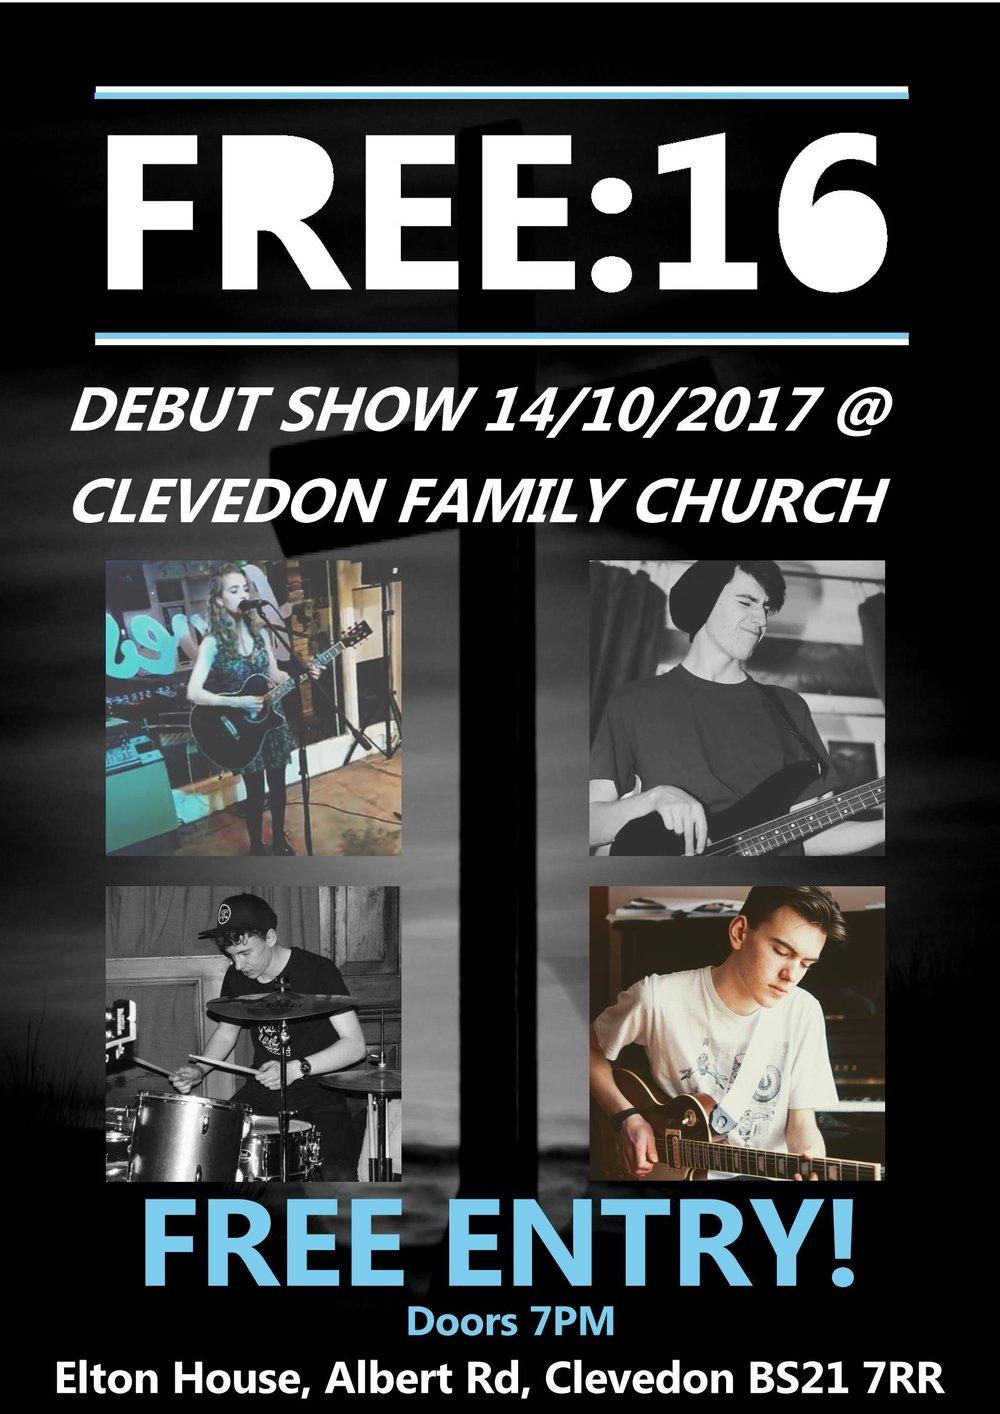 Free16 poster_Page_1.jpeg